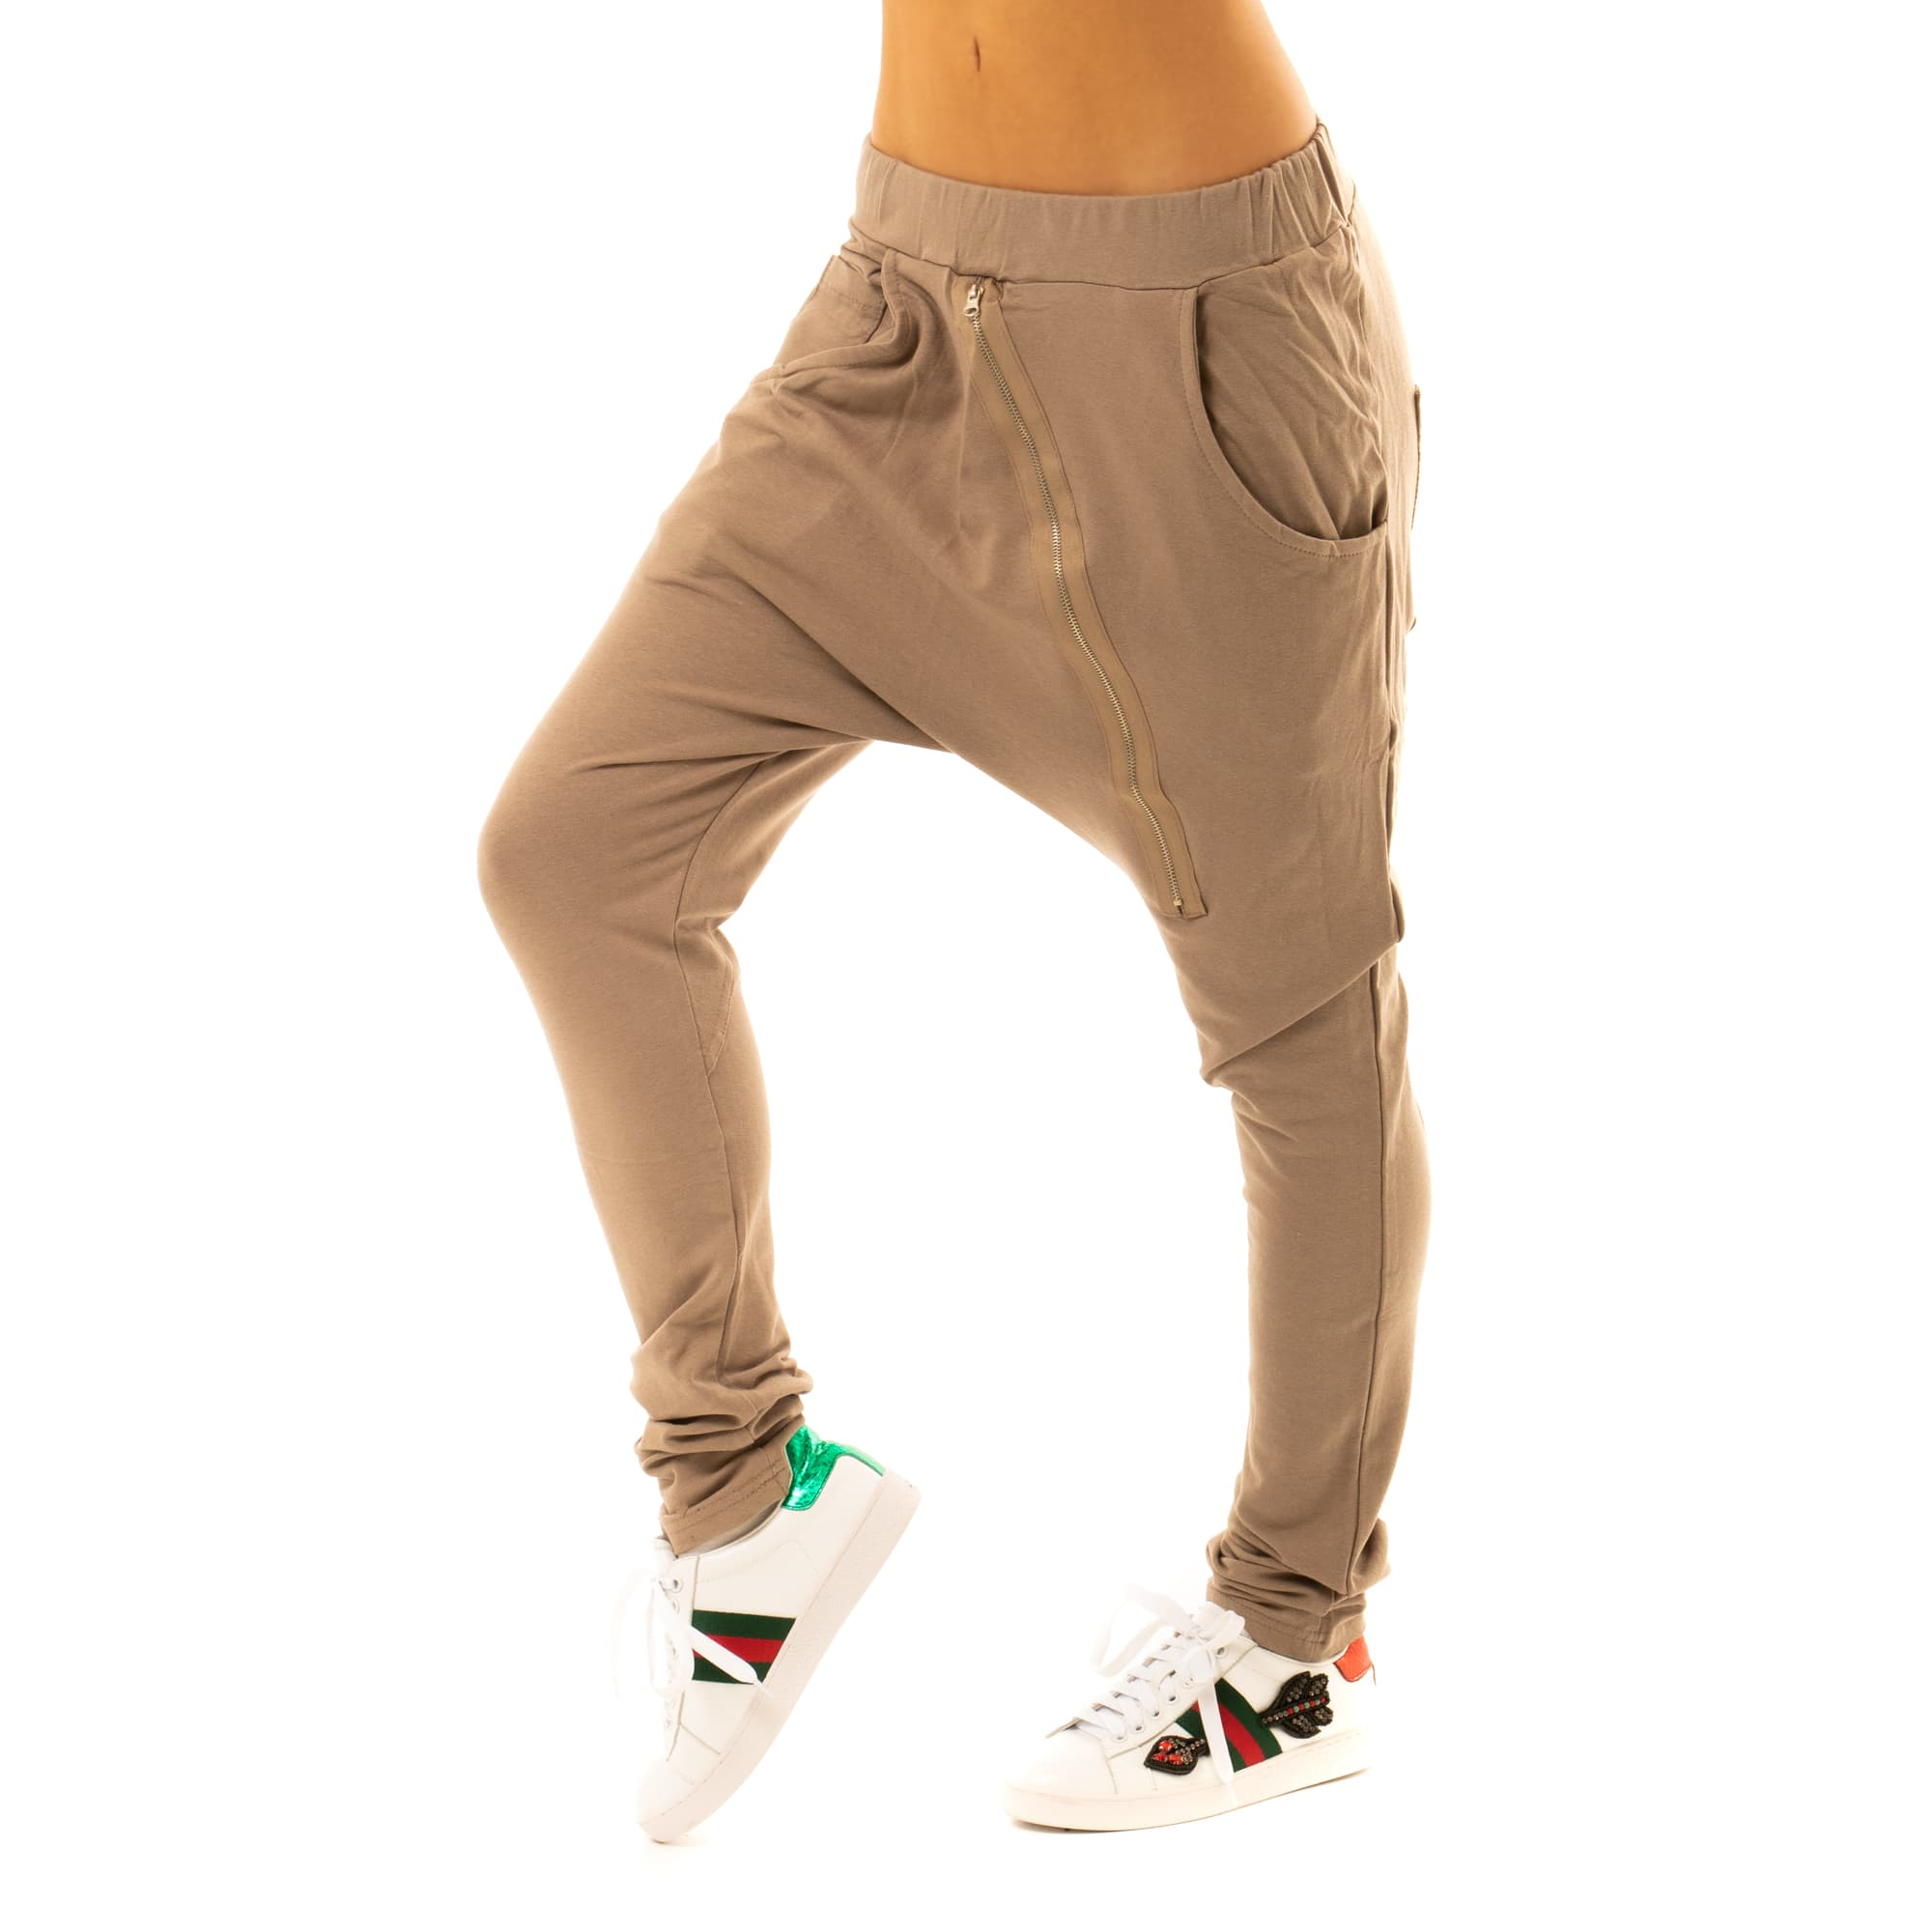 4250f6dec959 Dámska móda a doplnky - Háremové nohavice so zipsom - svetlo hnedé ...